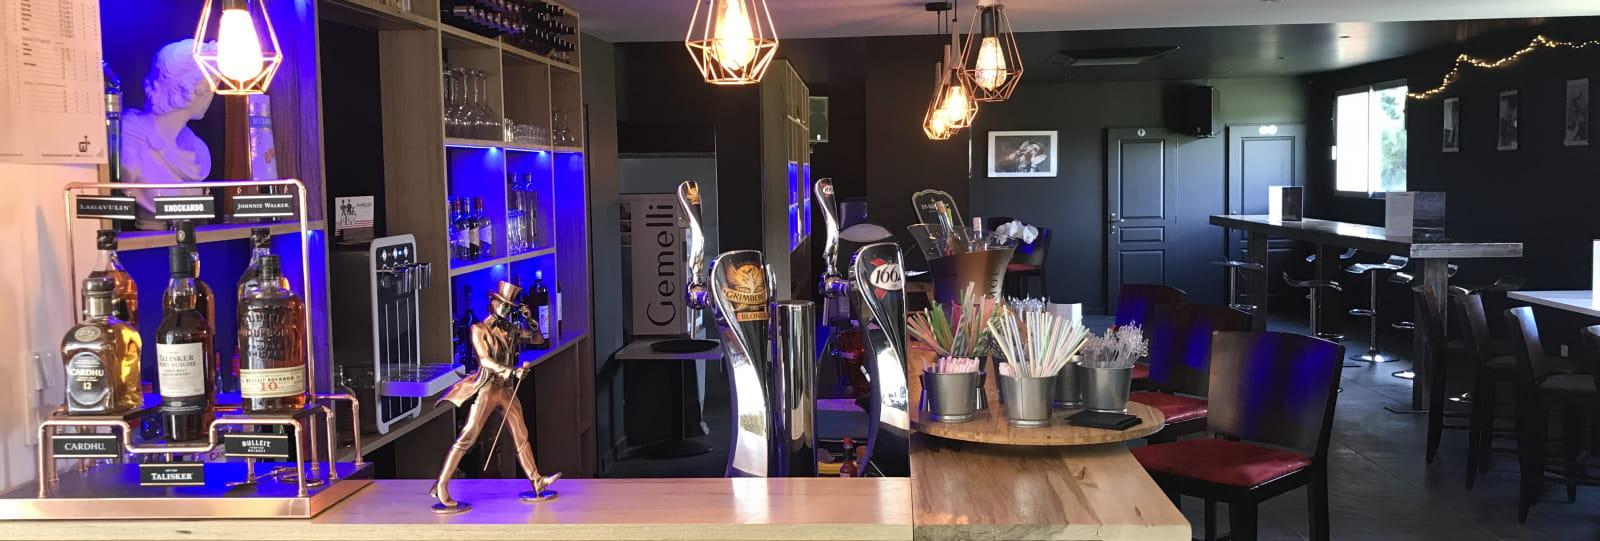 Comptoir - Le Cabaré - bar